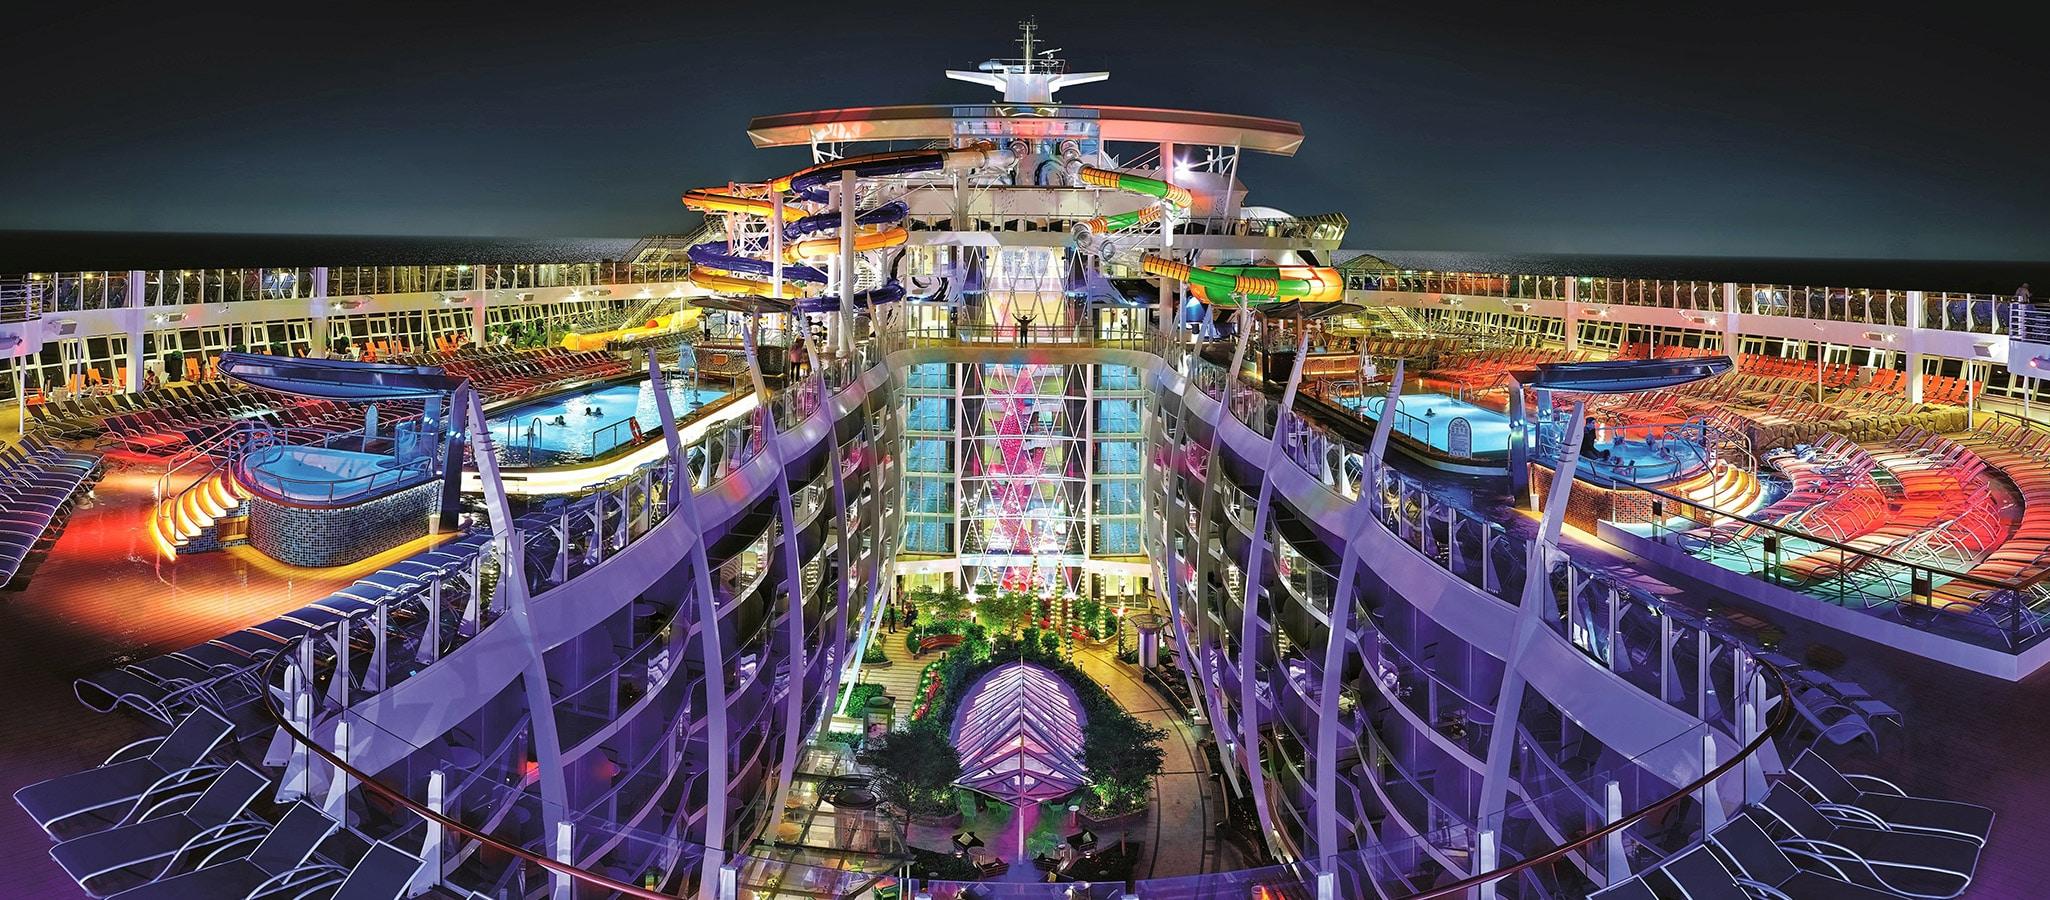 Spielwiese für Eventplaner: An Bord Ihres exklusiv gecharterten Kreuzfahrtschiffes sind der Phantasie keine Grenzen gesetzt.